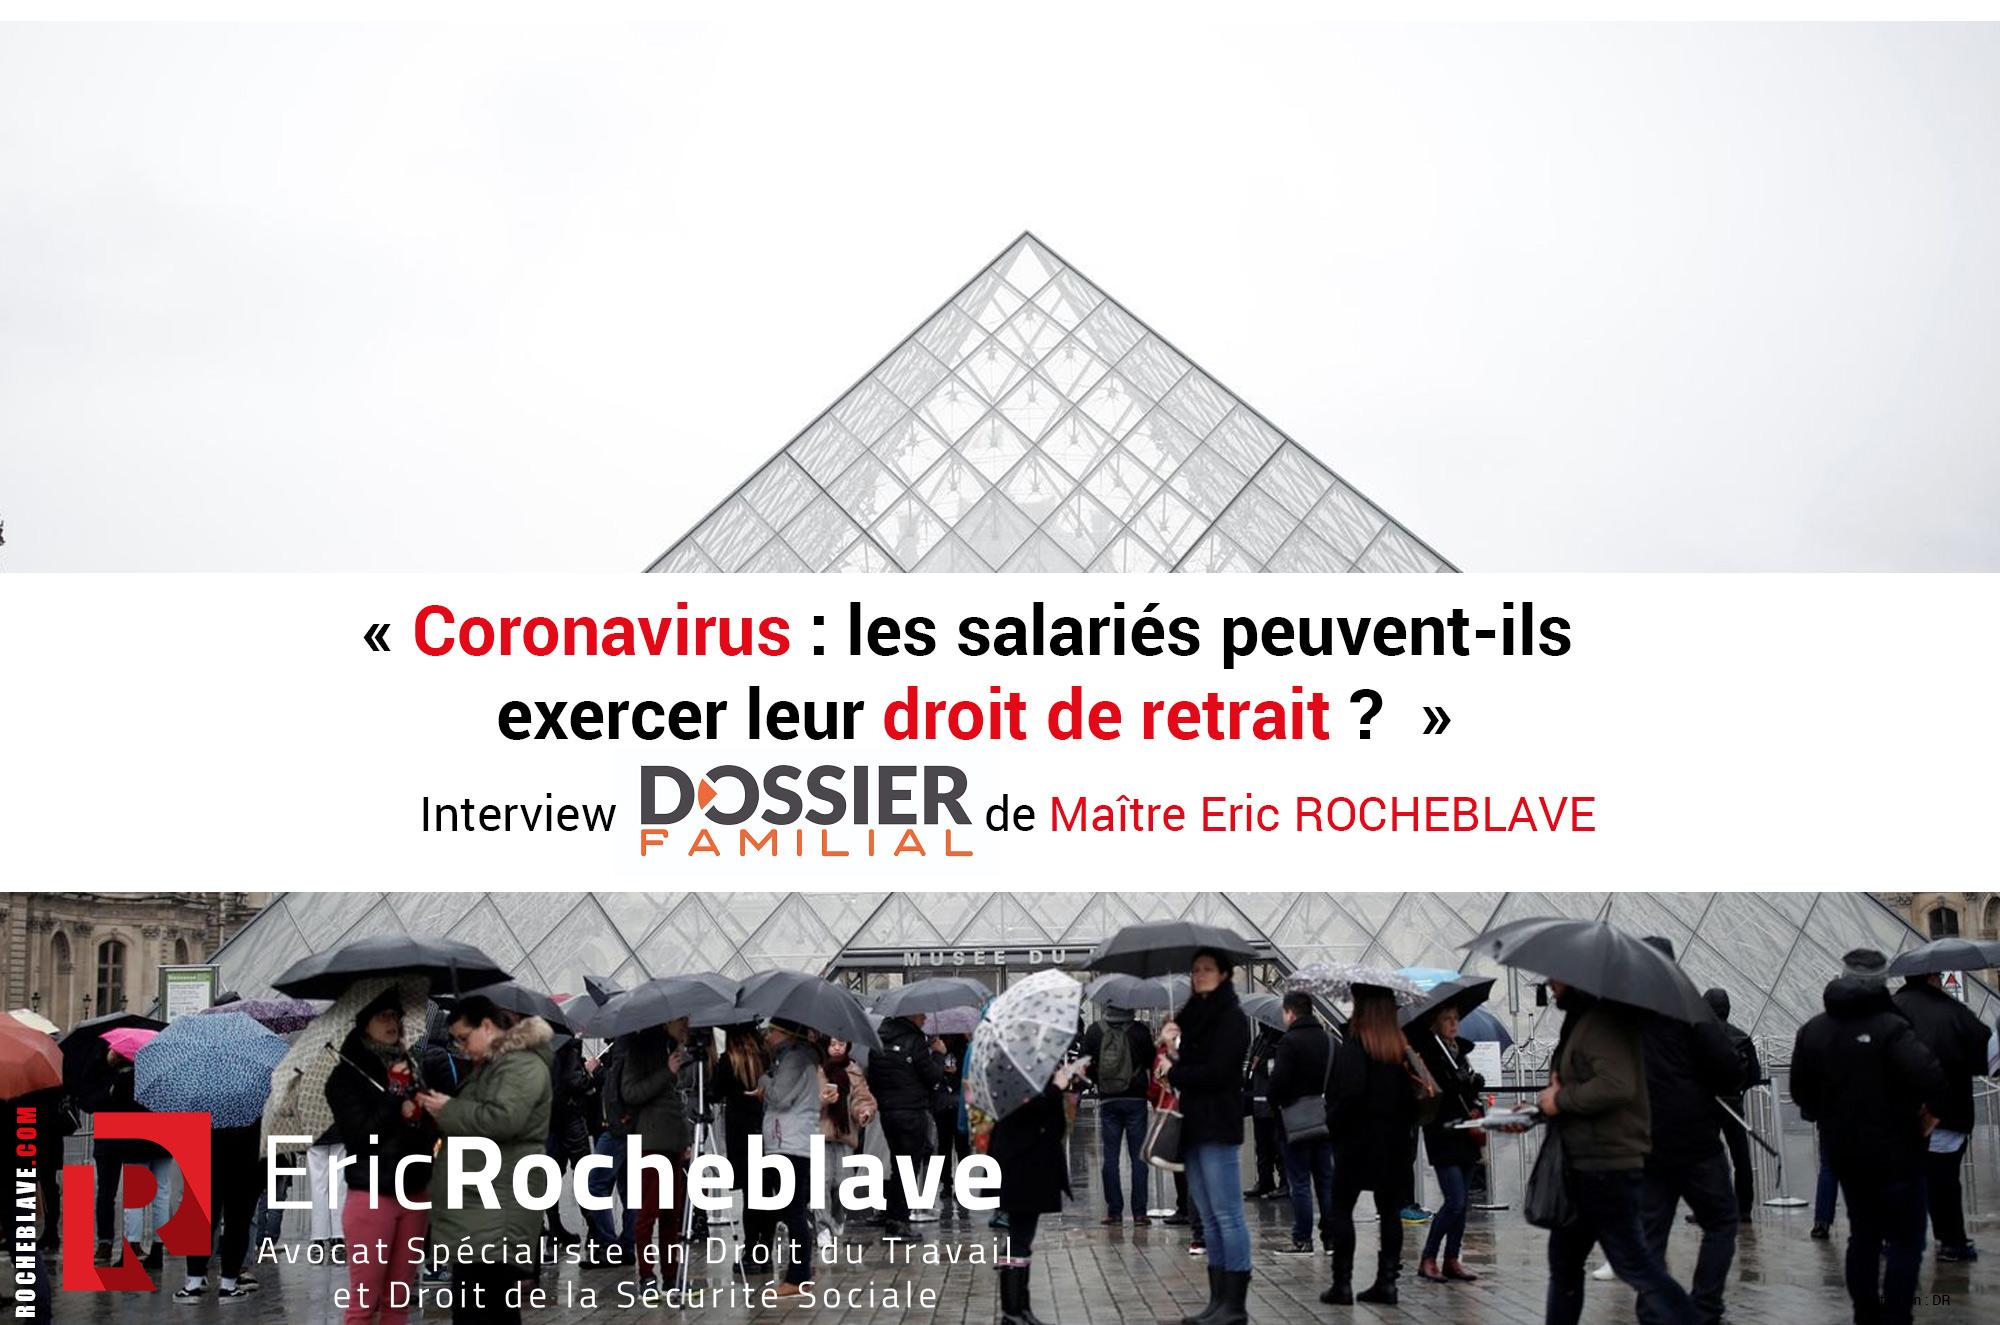 « Coronavirus : les salariés peuvent-ils exercer leur droit de retrait ?  » Interview DOSSIER FAMILIAL de Maître Eric ROCHEBLAVE